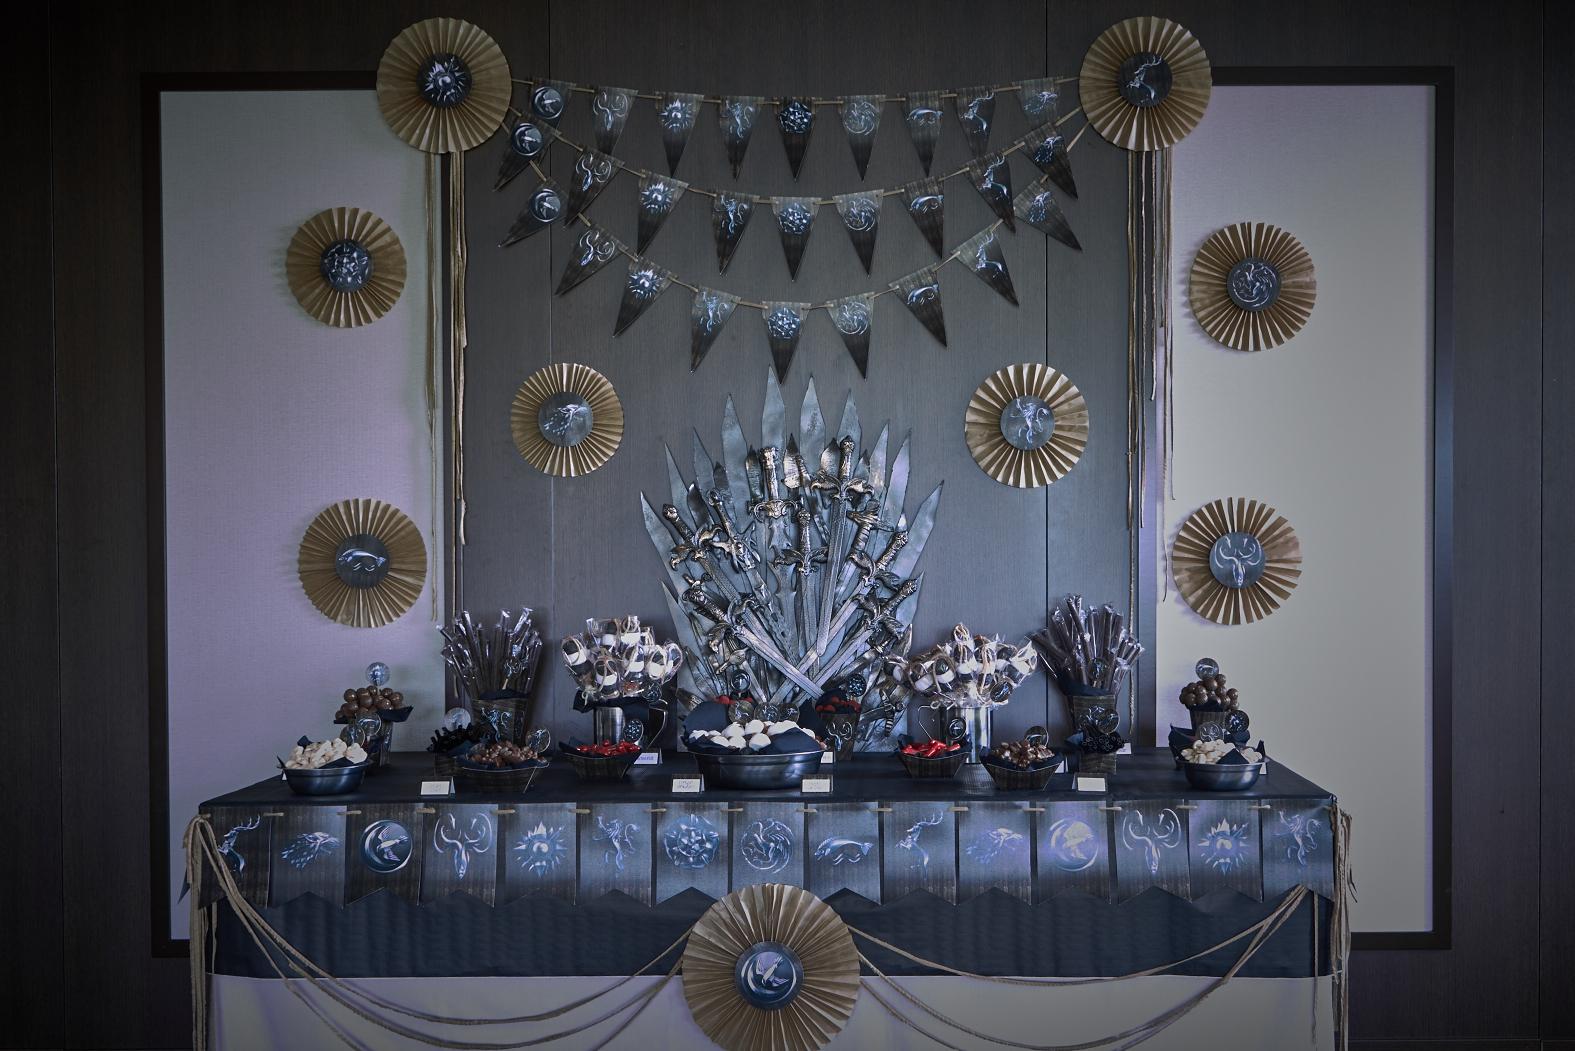 Candy bar celebralobonito banderines y decoraci n para - Decoracion chuches para cumpleanos ...